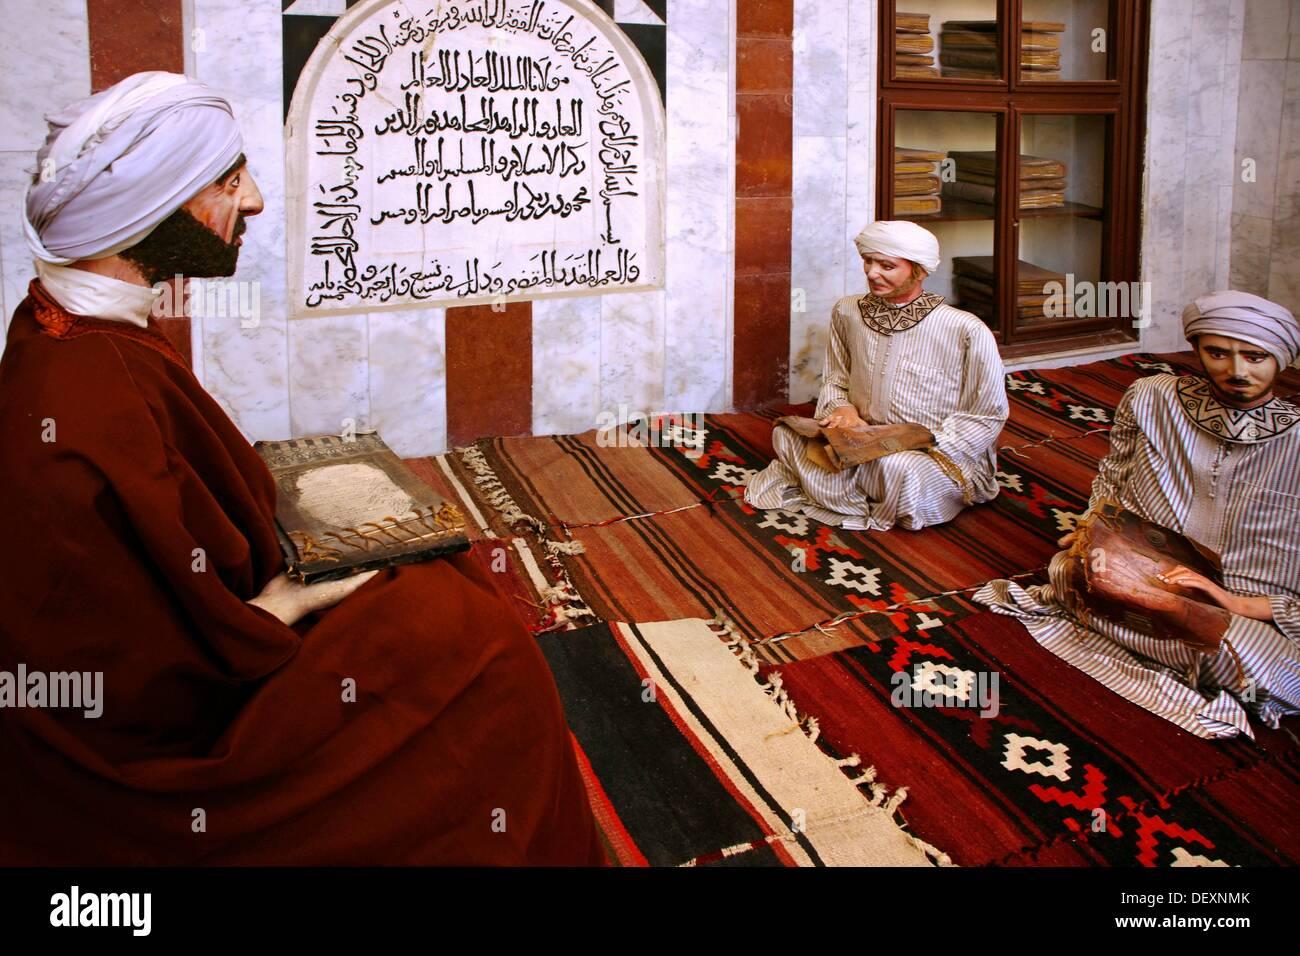 Lektion für Medizin (10. Jahrhundert) an eine ´iwan´ die Nur al-Din Bimaristan, Museum für Medizin und Wissenschaft in der arabischen Welt, Stockbild